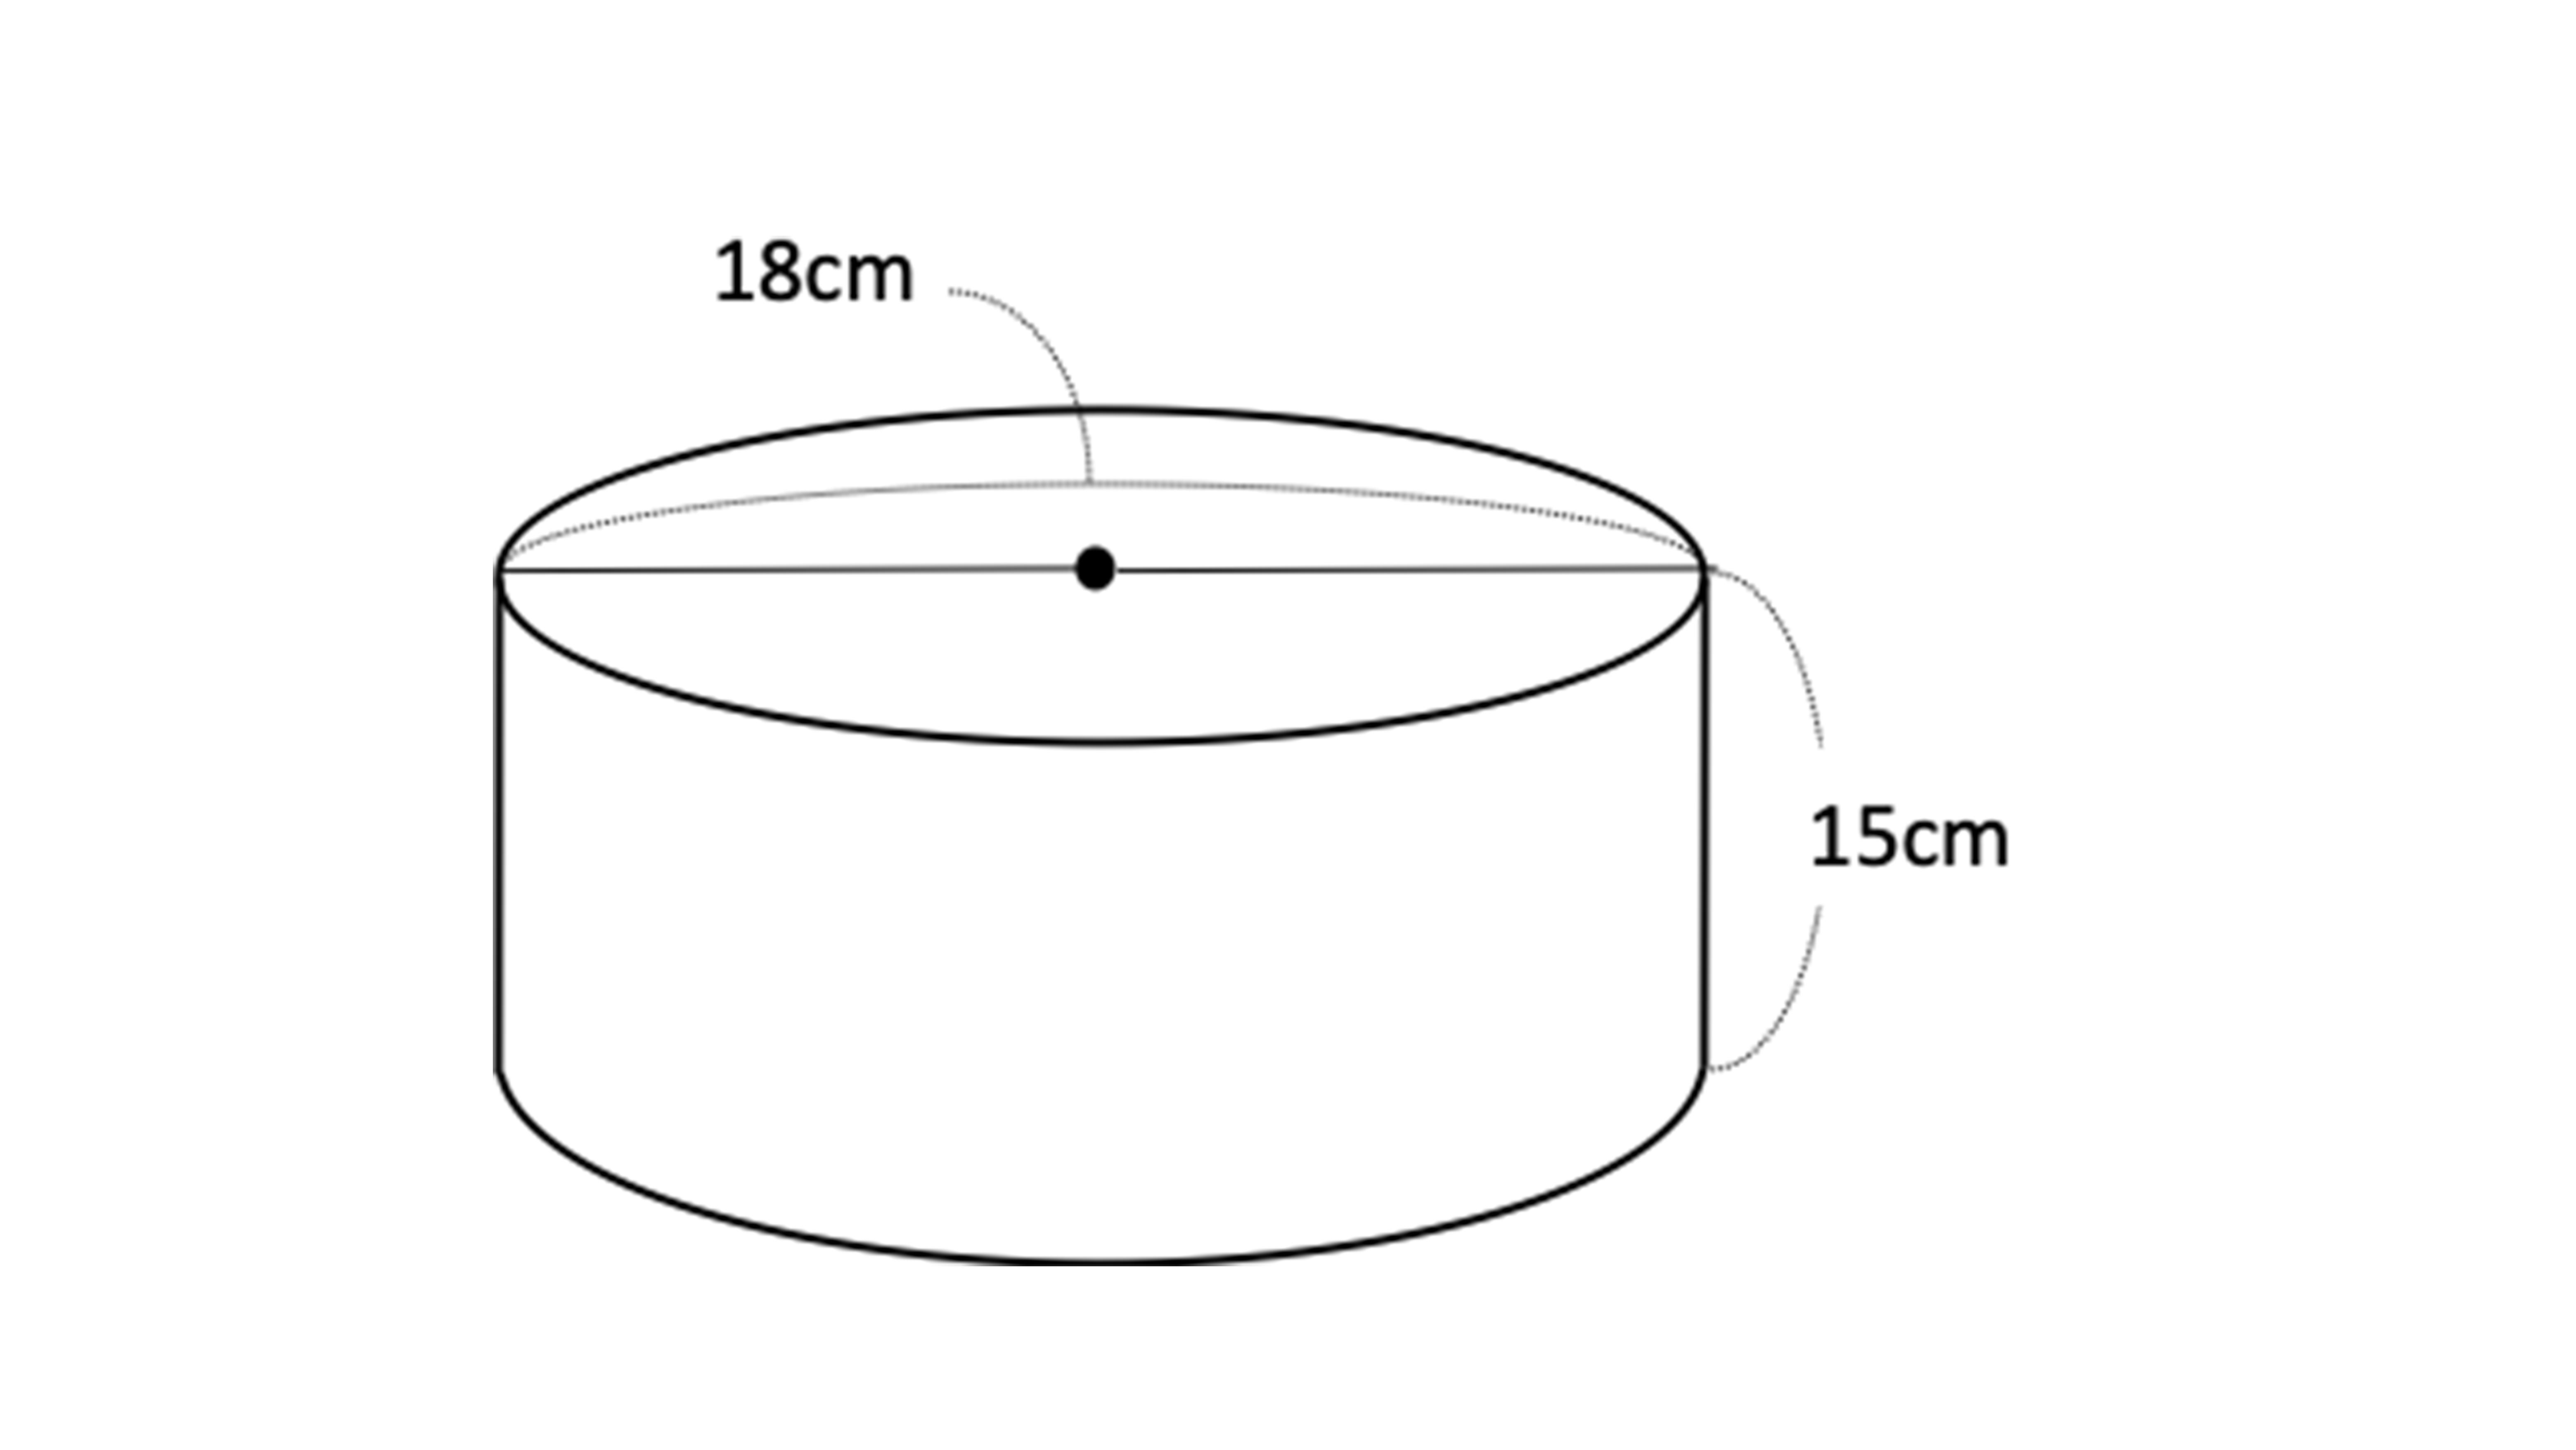 求め 円柱 表面積 方 の